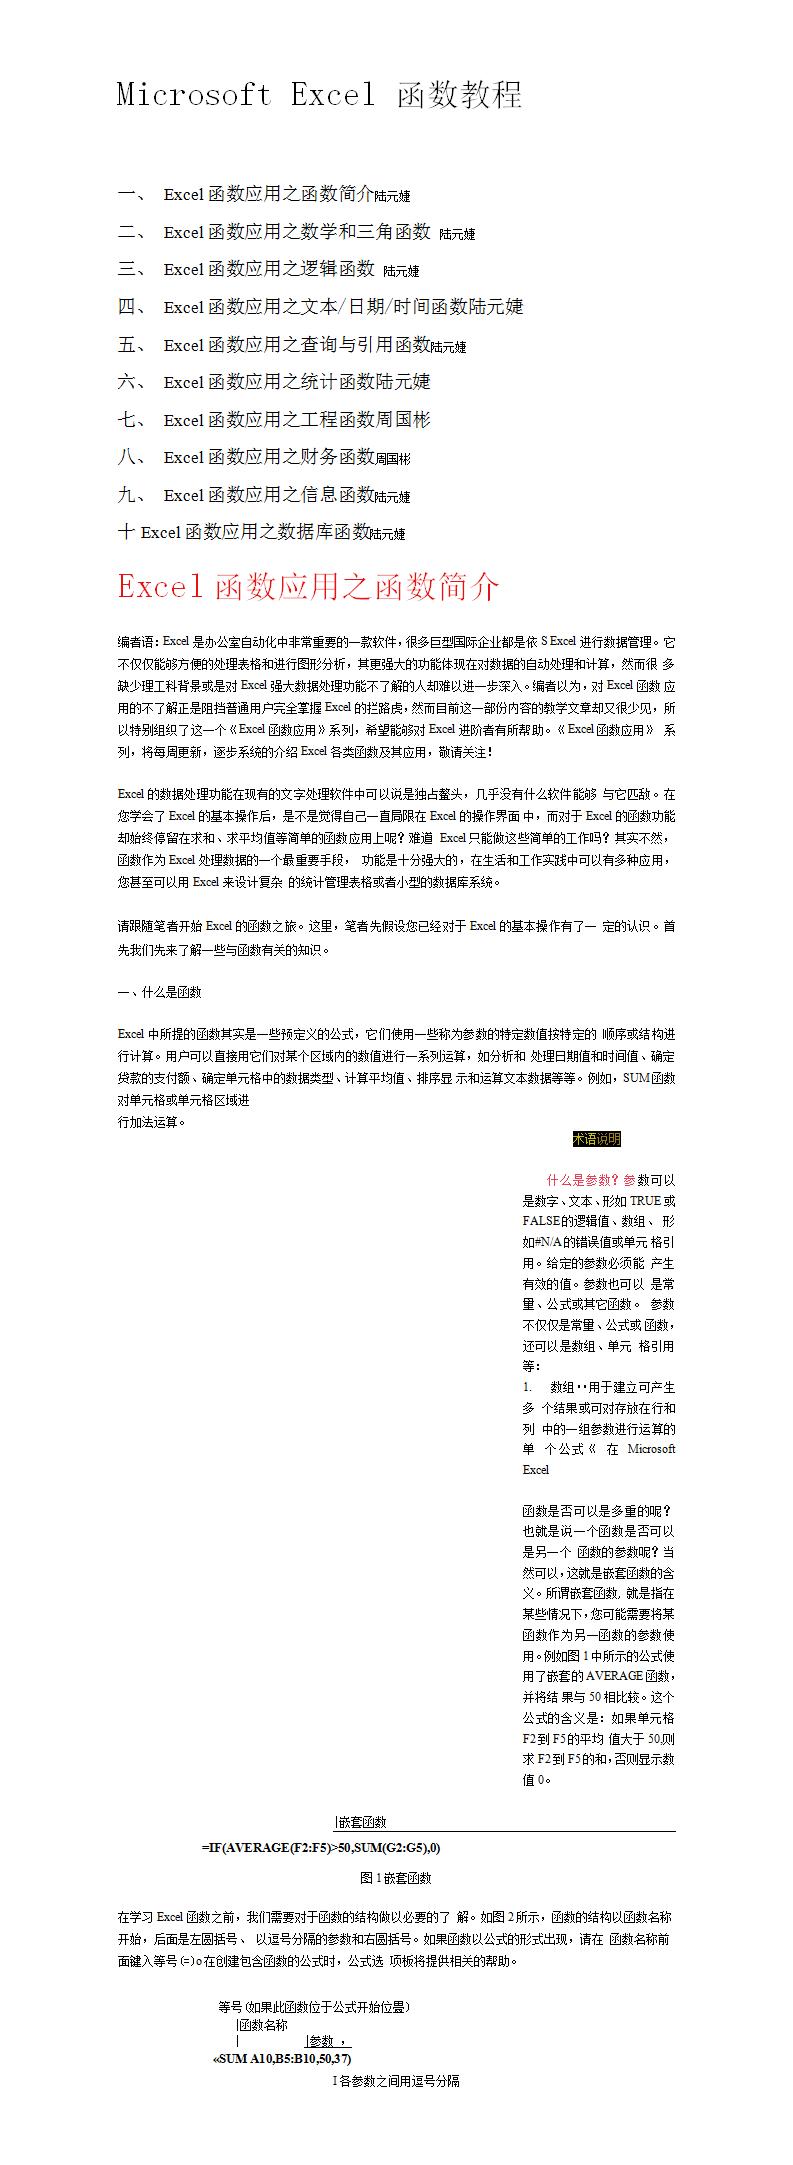 EXCEL函数学习教程_01.png